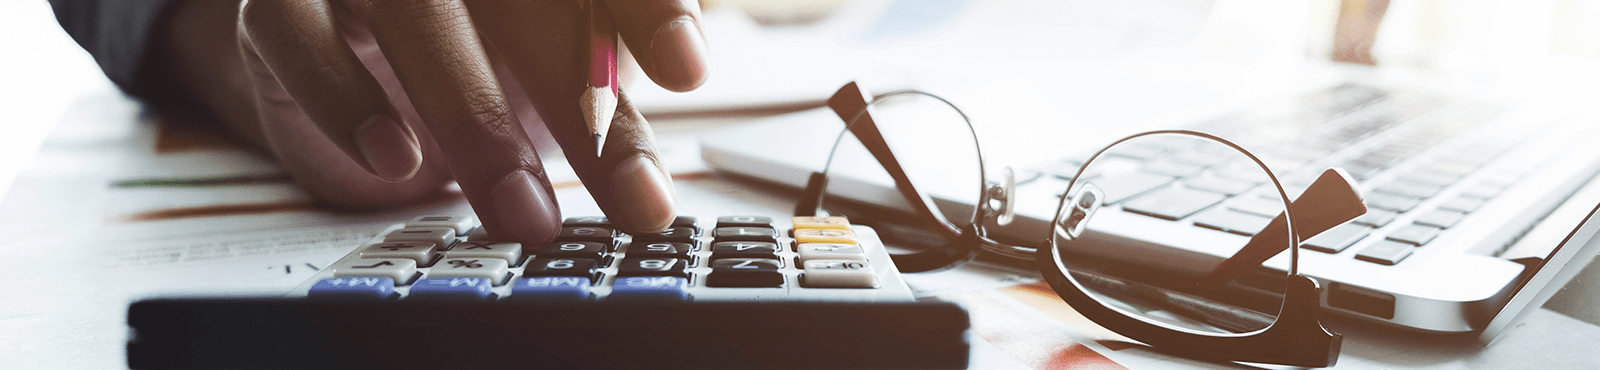 Spesenabrechnung: So rechnen Sie Spesen und Auslagen mit Ihren Kunden ab